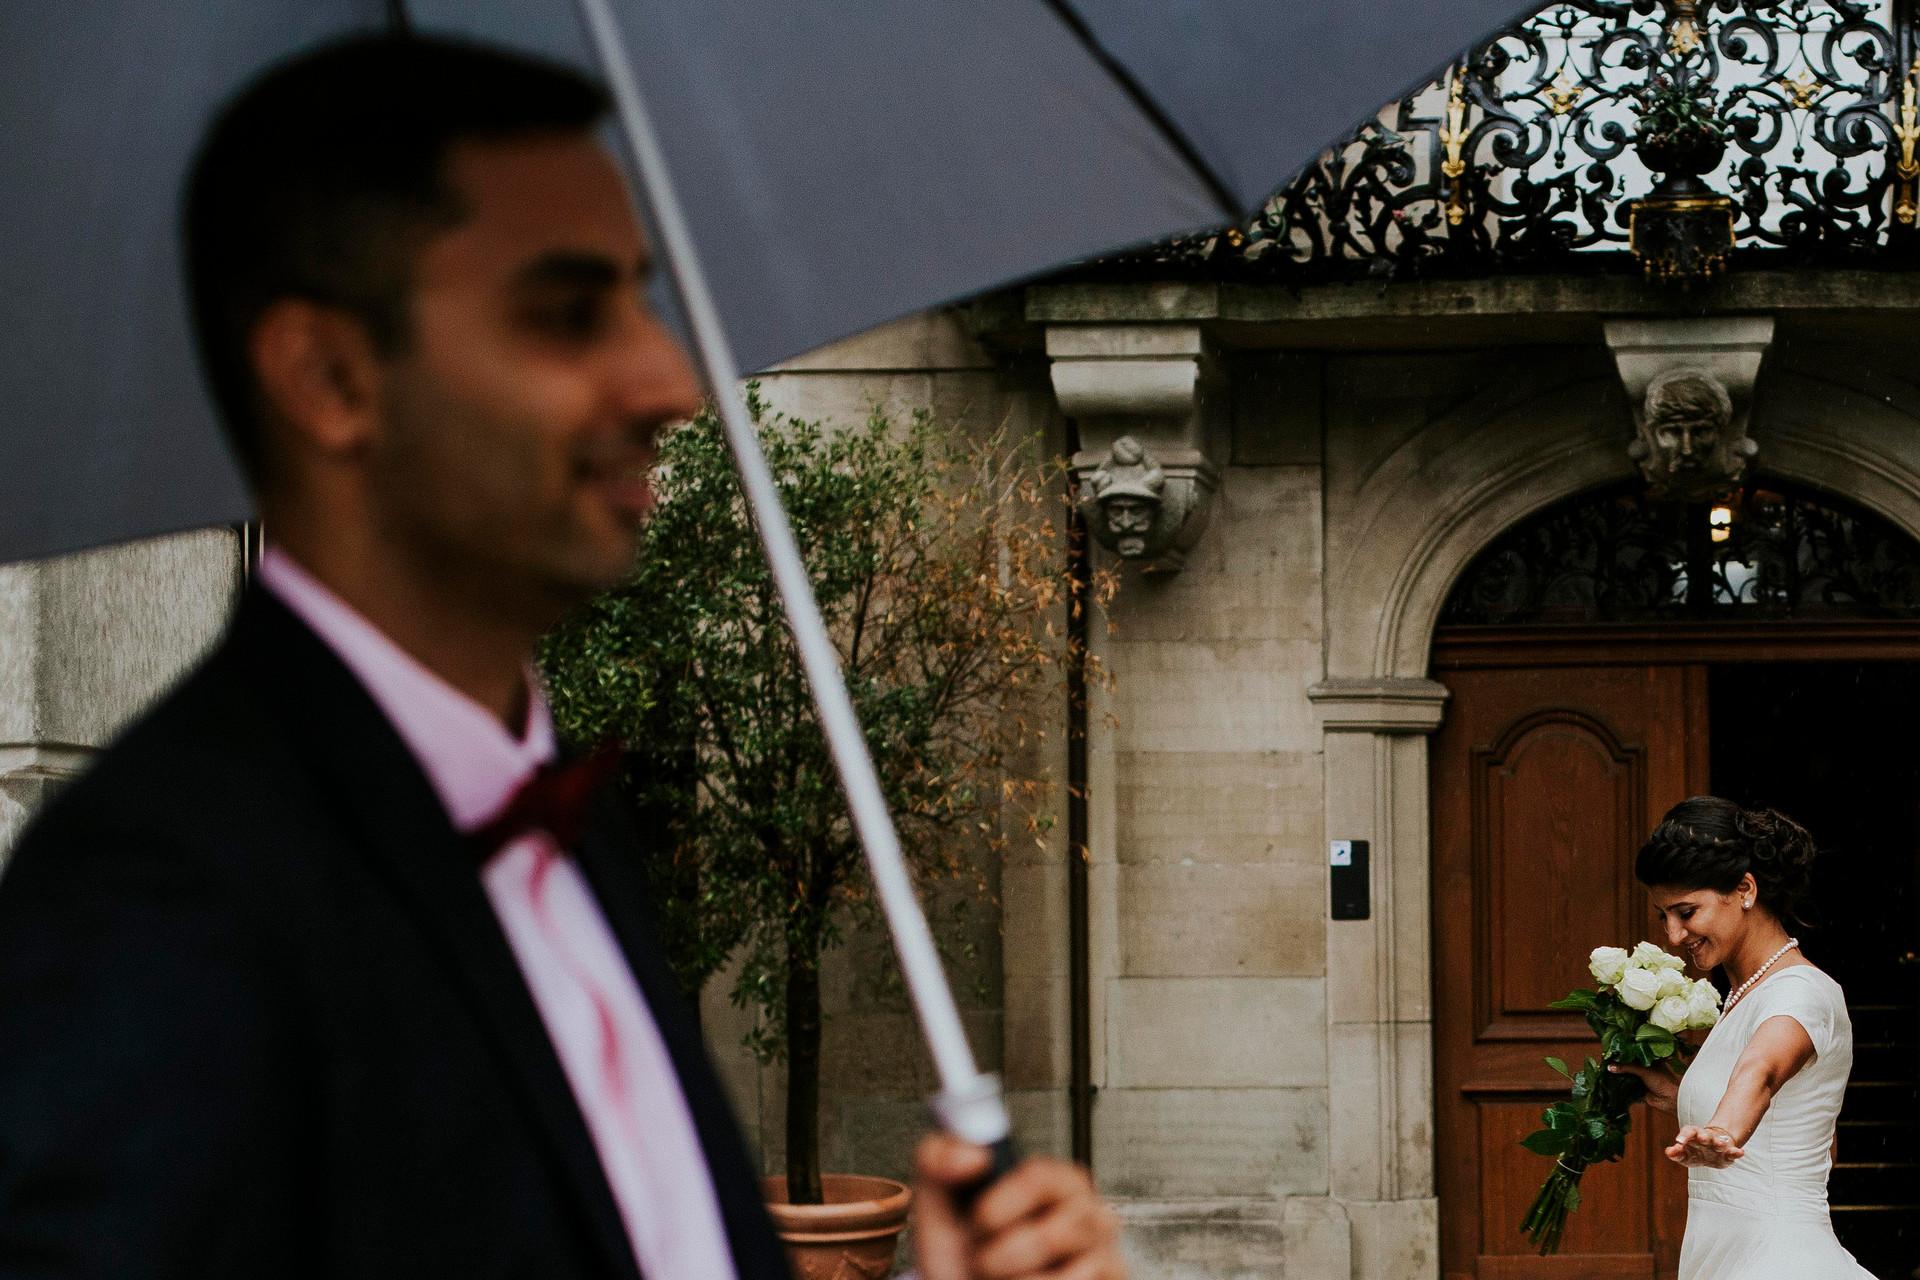 Wedding_Day_Stadthaus_Zürich-14.jpg